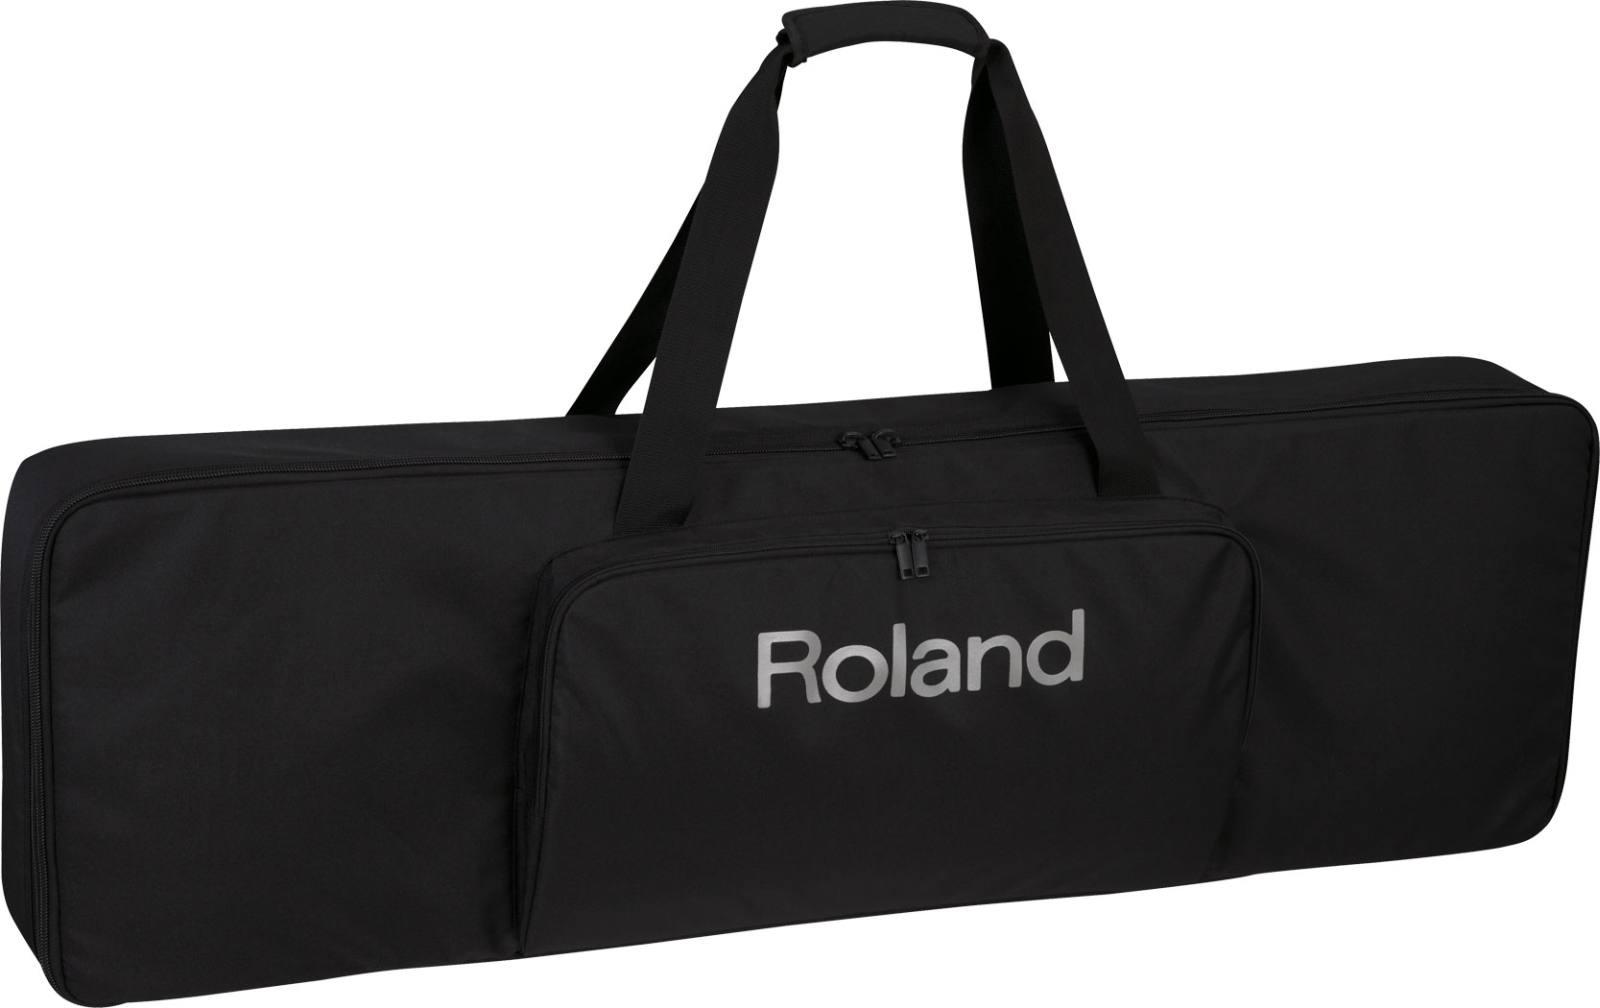 Roland Cb-61w